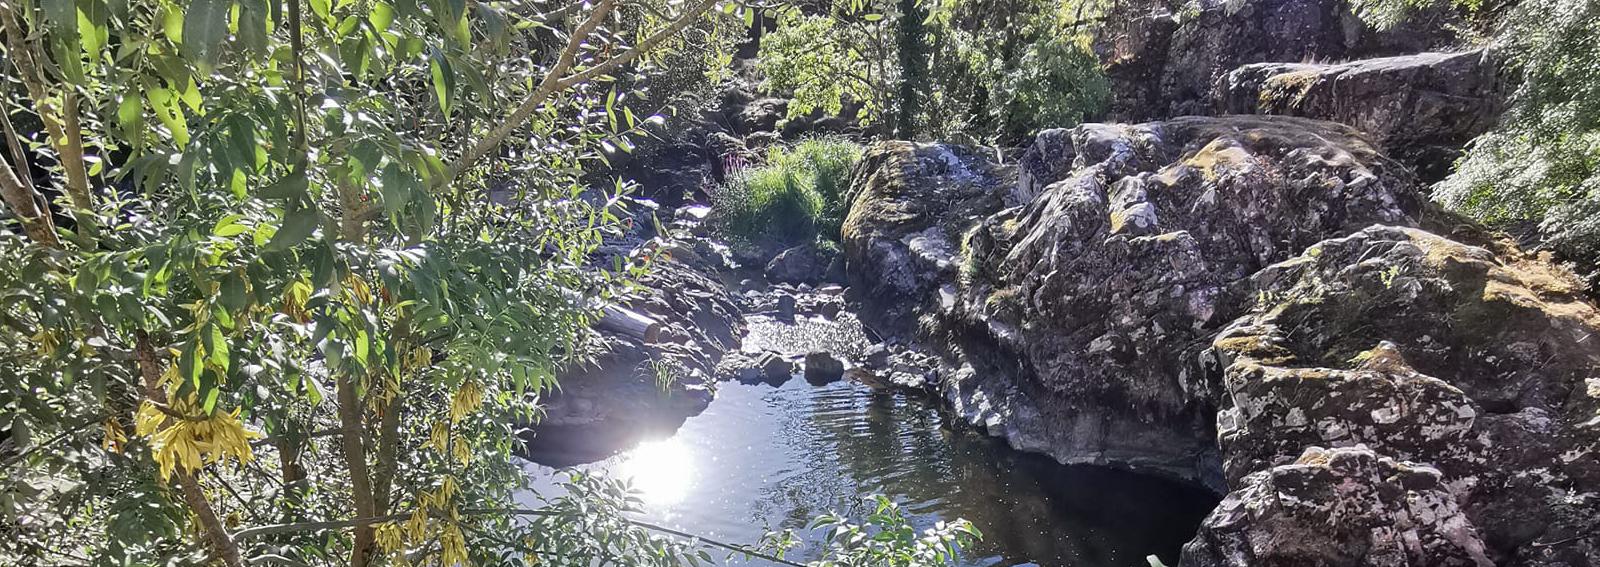 Deux-Sèvres - benaiser - nature - reposant - tourisme